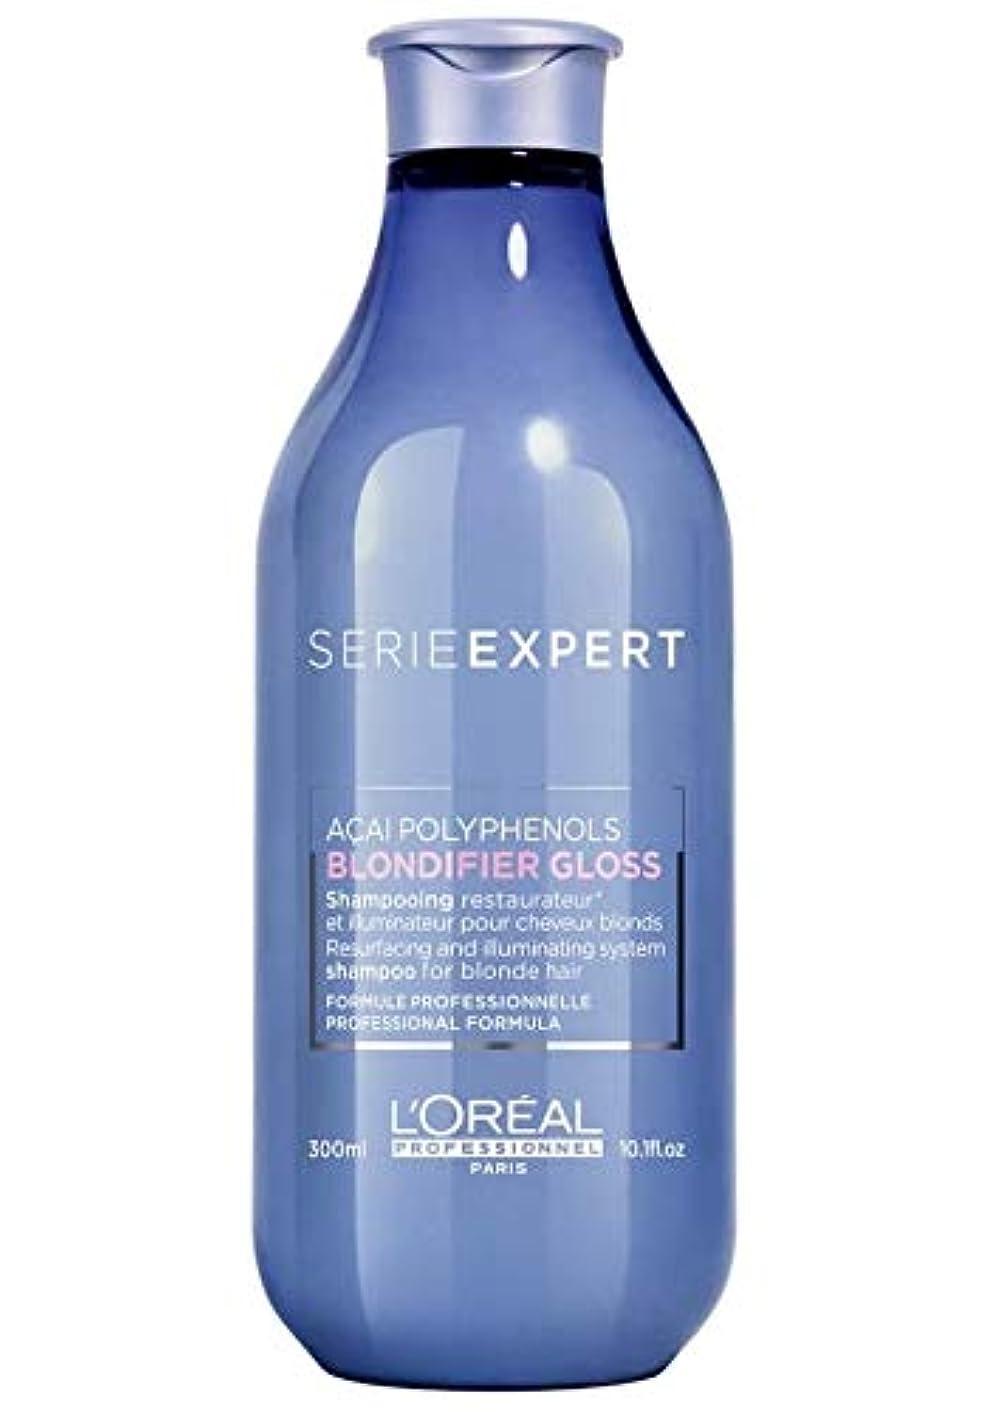 式ボタンピンロレアル セリエ エクスパート ブロンディファイア グロス シャンプー L'Oreal Serie Expert Blondifier Gloss Shampoo 300 ml [並行輸入品]